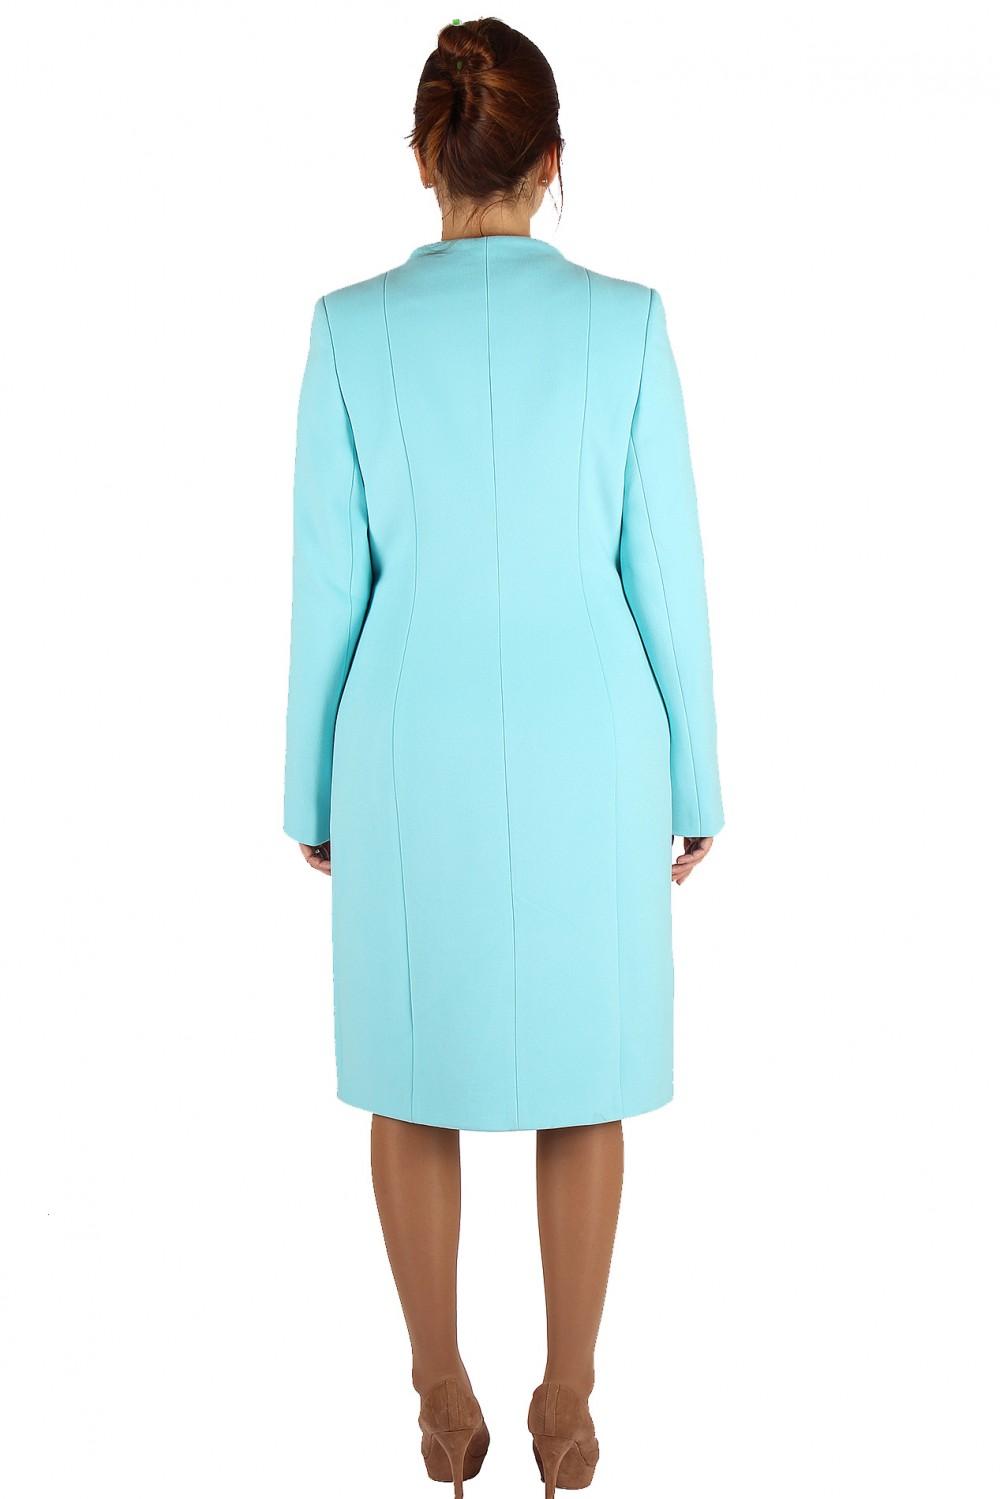 Купить оптом Пальто женское голубого цвета 391Gl в Волгоградке